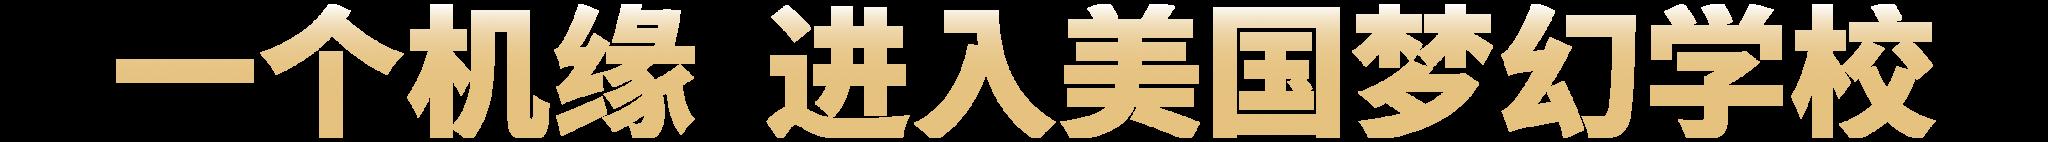 官網表單素材-06